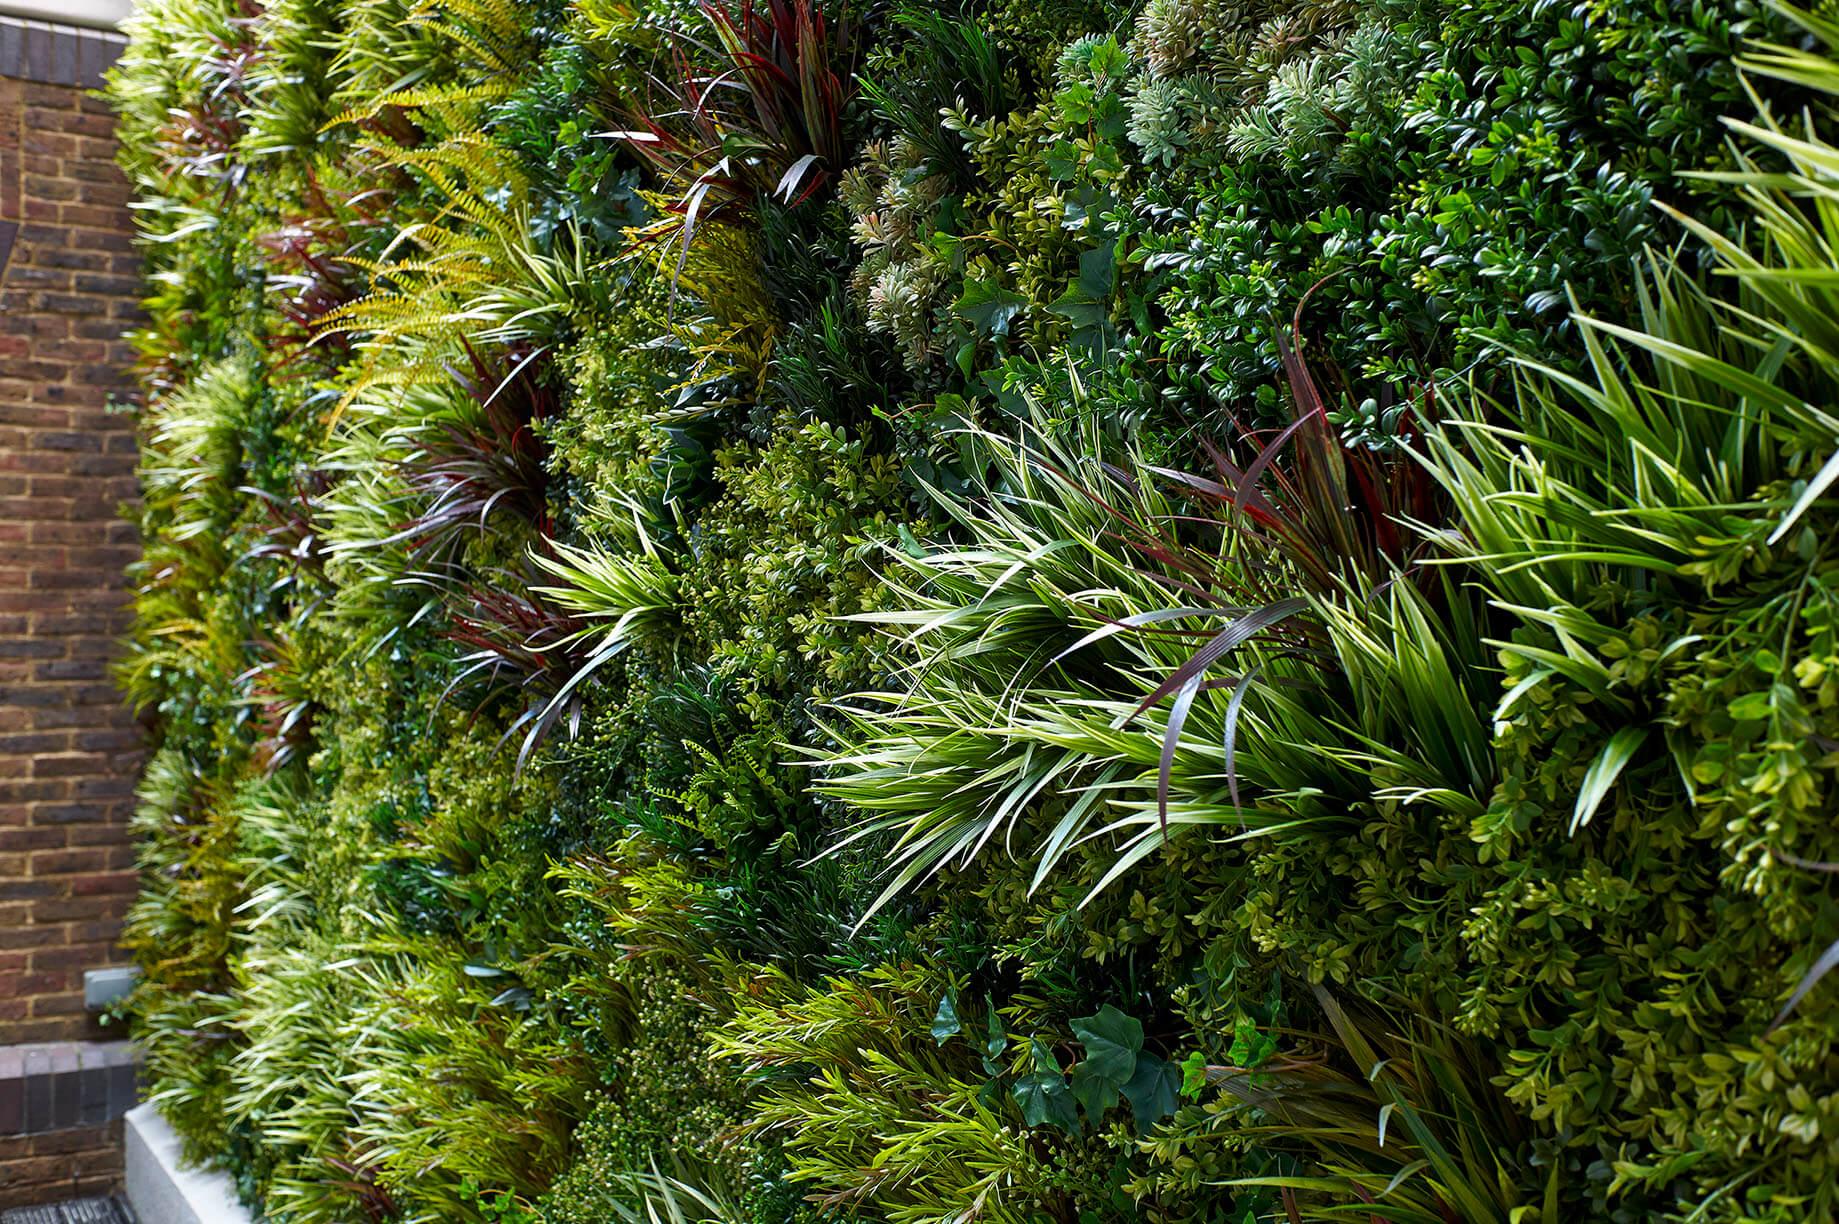 Deckall Ltd Green Panels on location